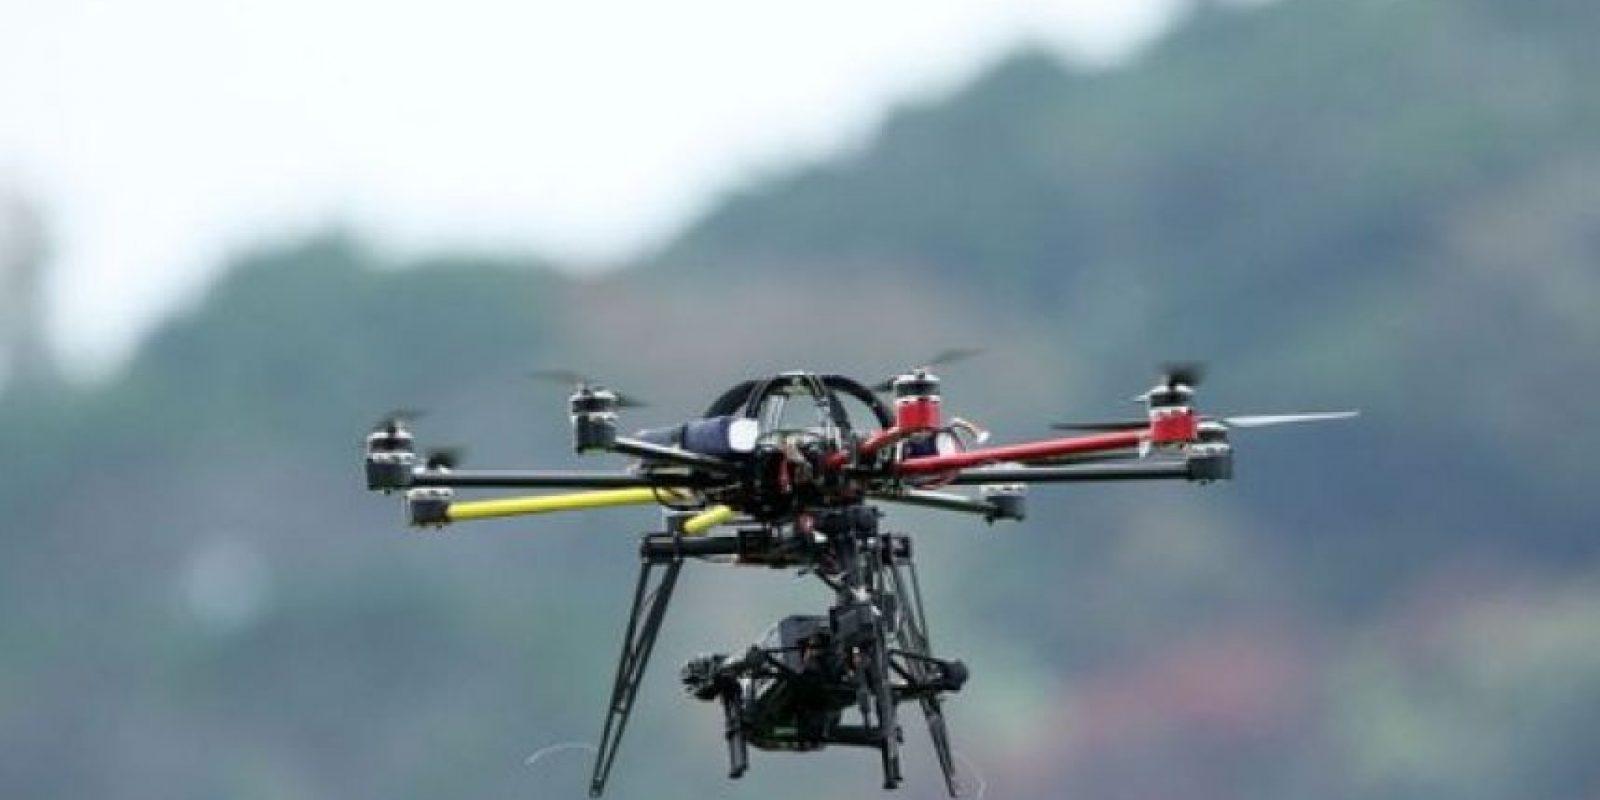 Drones: Los narcos han decidido implementar esta tecnología para facilitar su trabajo. Debido a sus dimensiones, las aeronaves no tripuladas pueden escapar a a los controles convencionales como radares. Foto:Internet